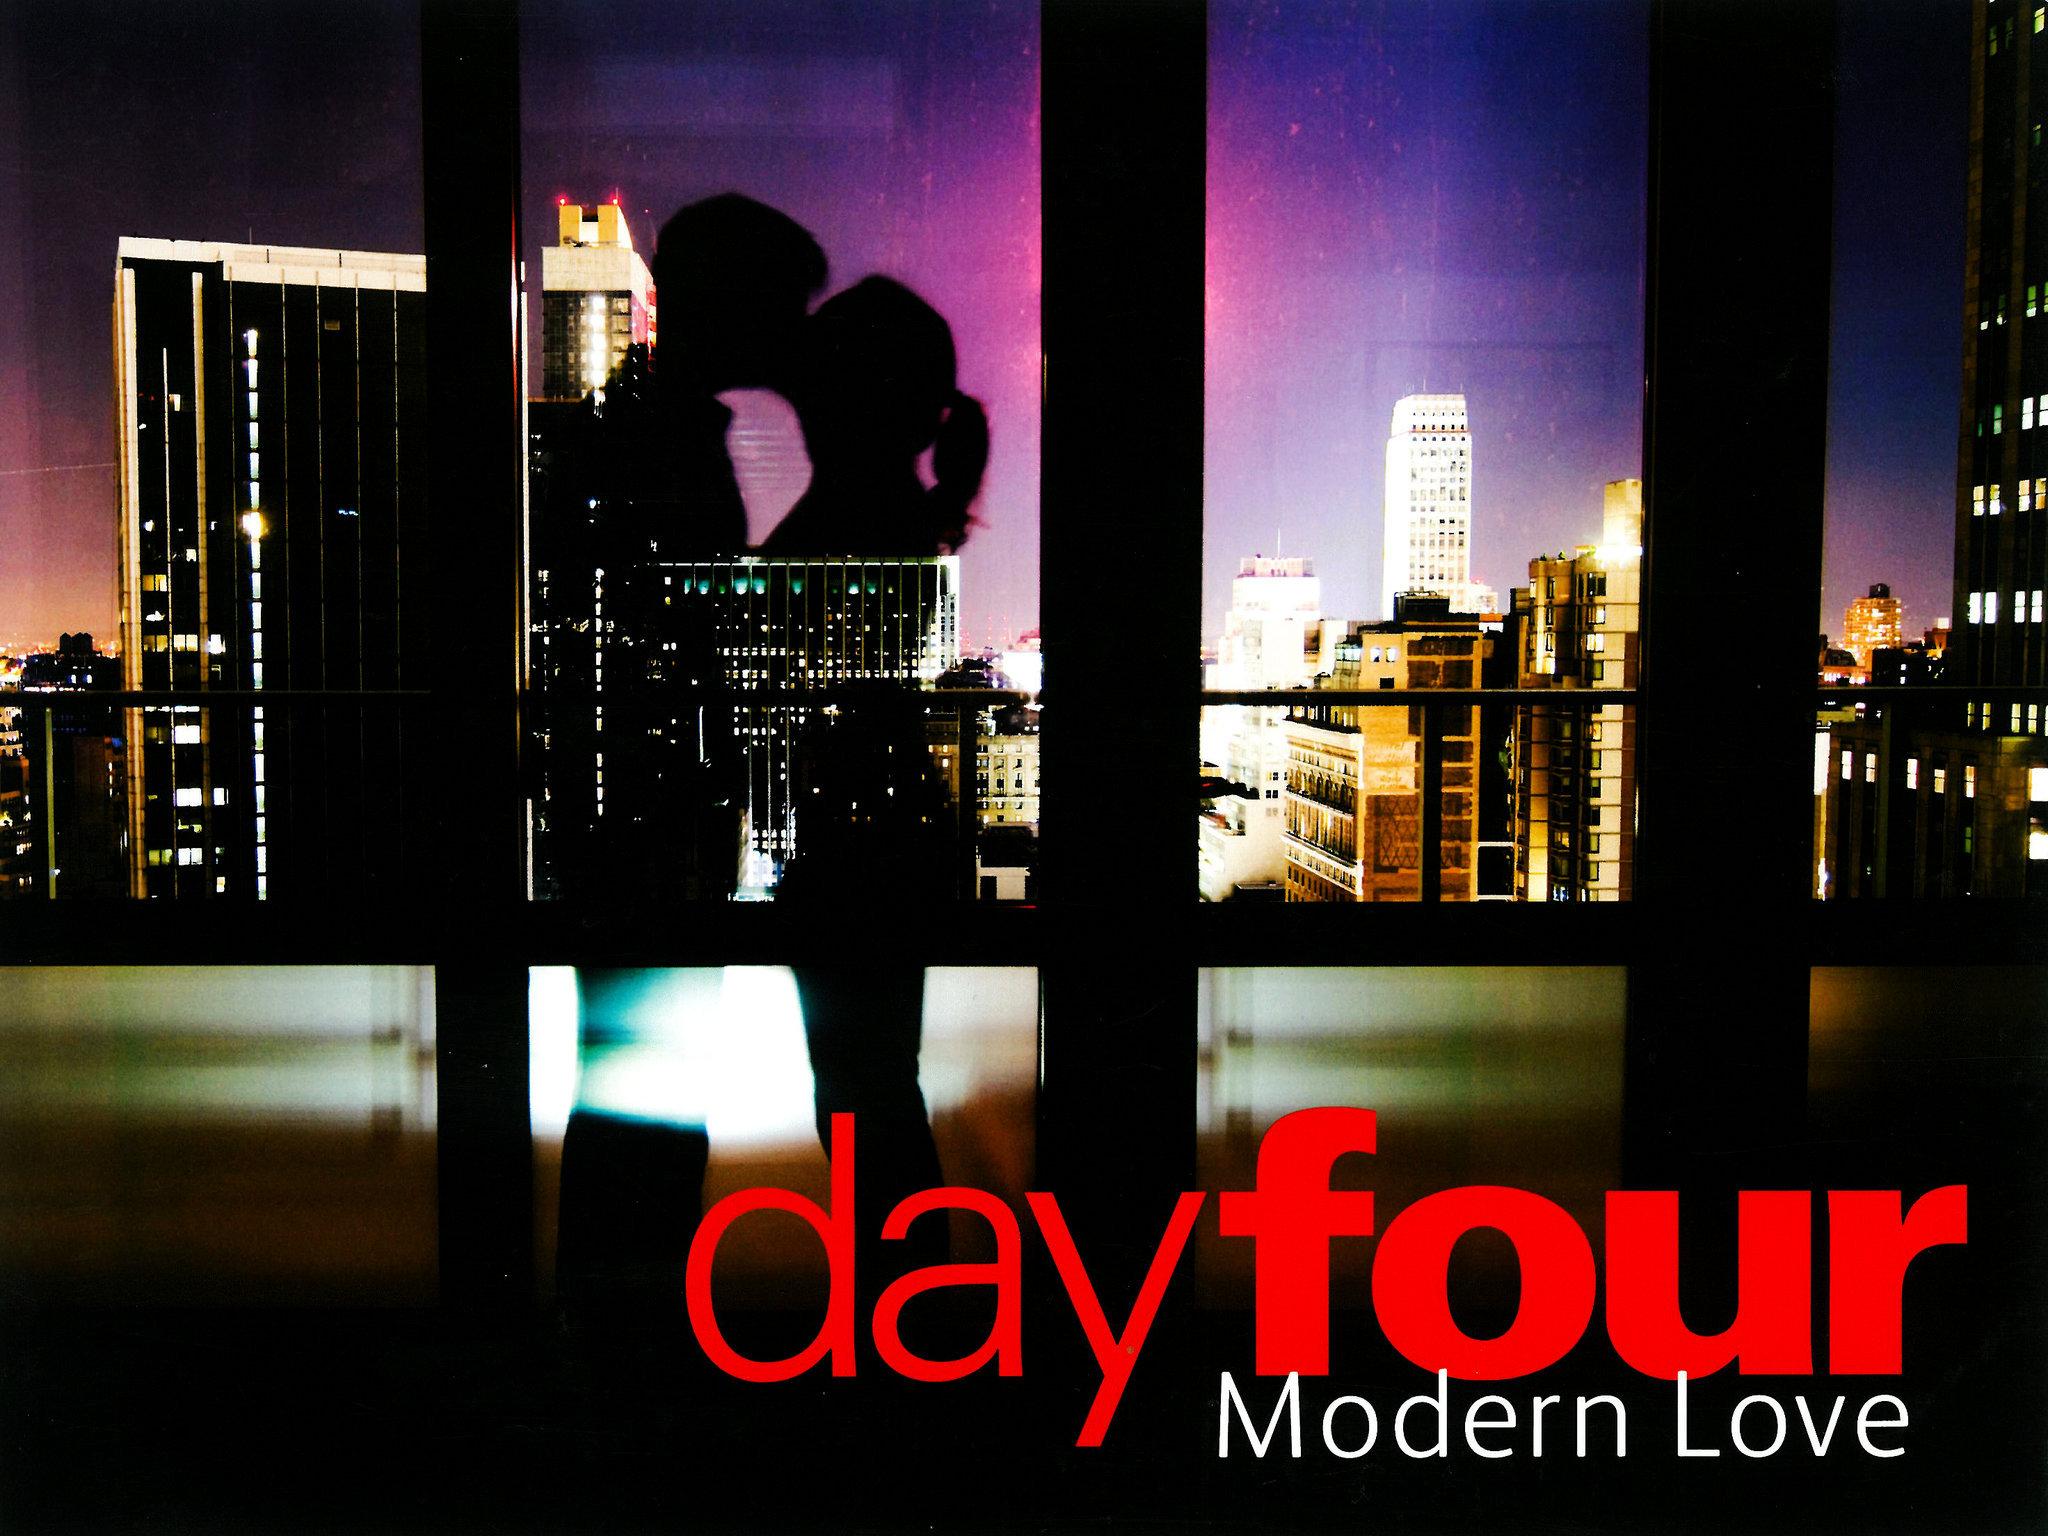 dayfour - Modern Love, #9, Cover.jpg